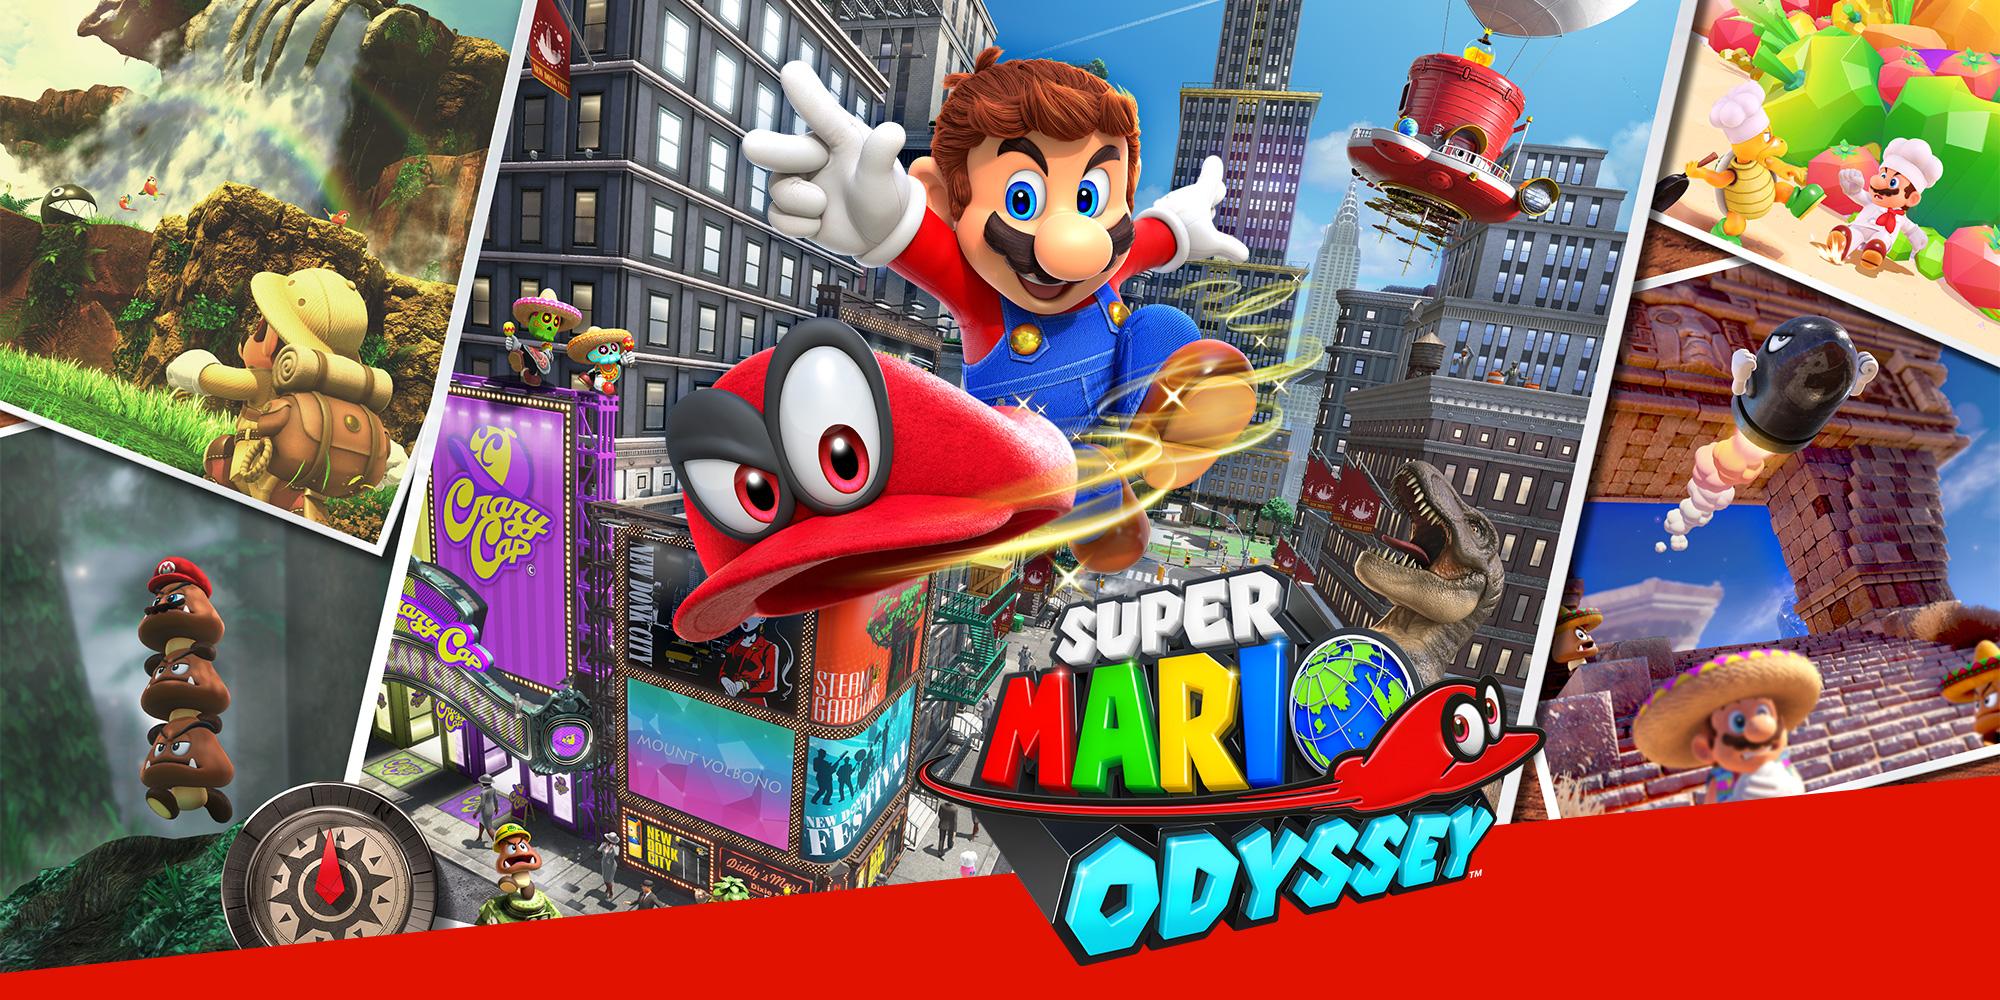 تماشا کنید: تریلری جدید از گیم پلی بازی Super Mario Odyssey منتشر شد